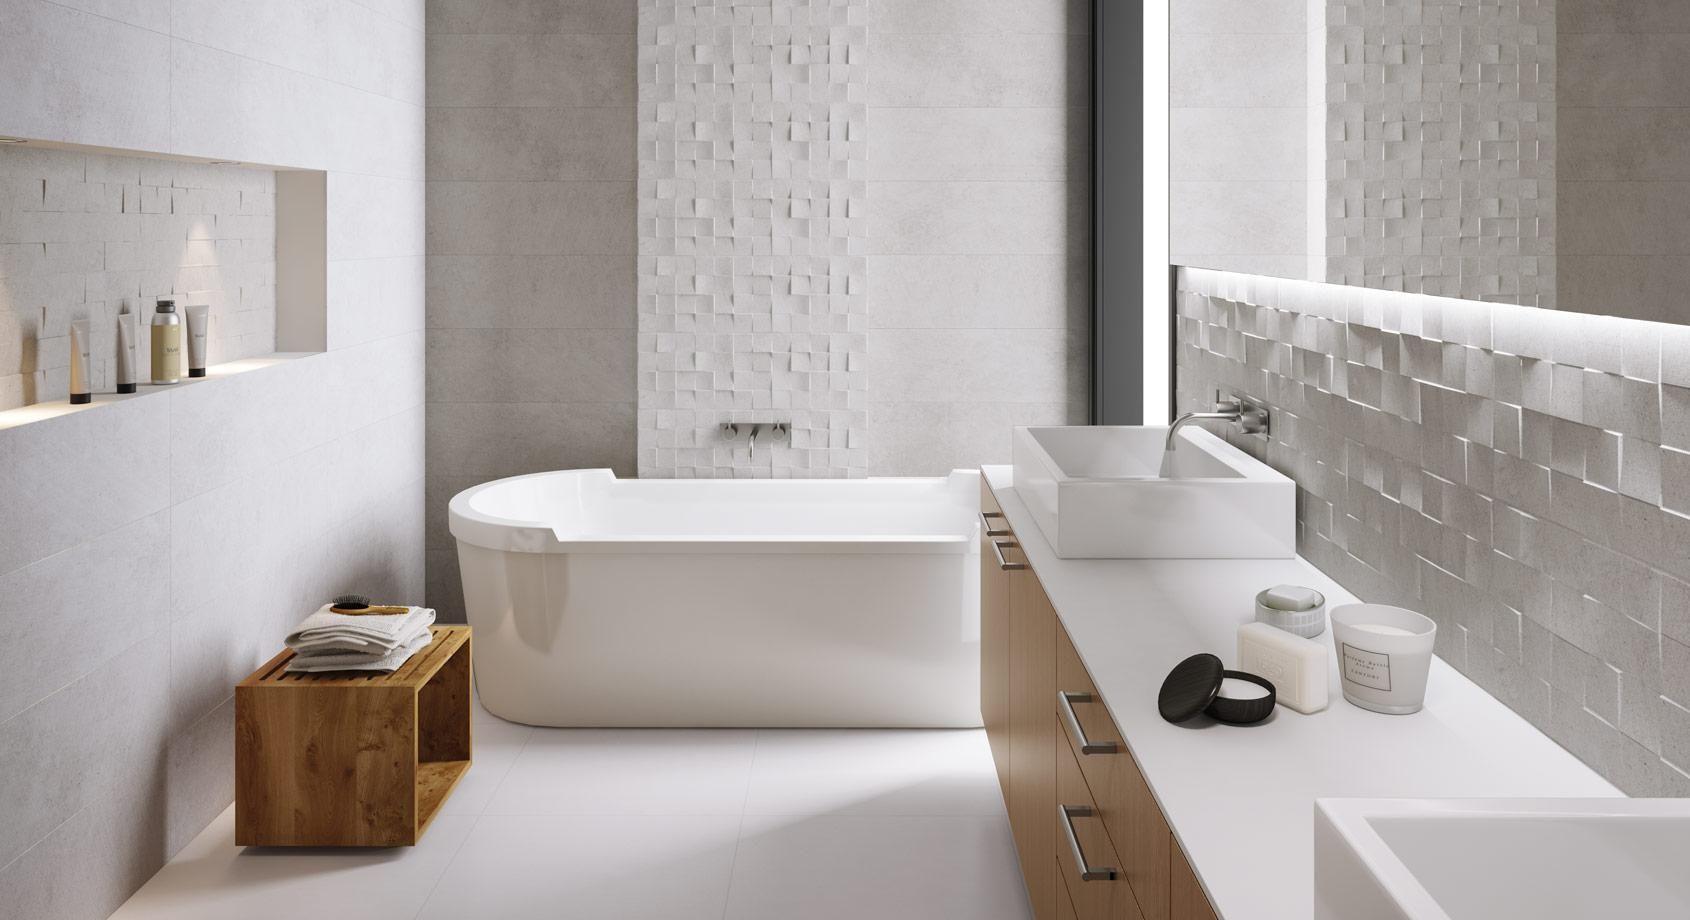 combinaciones de cerámica para baño